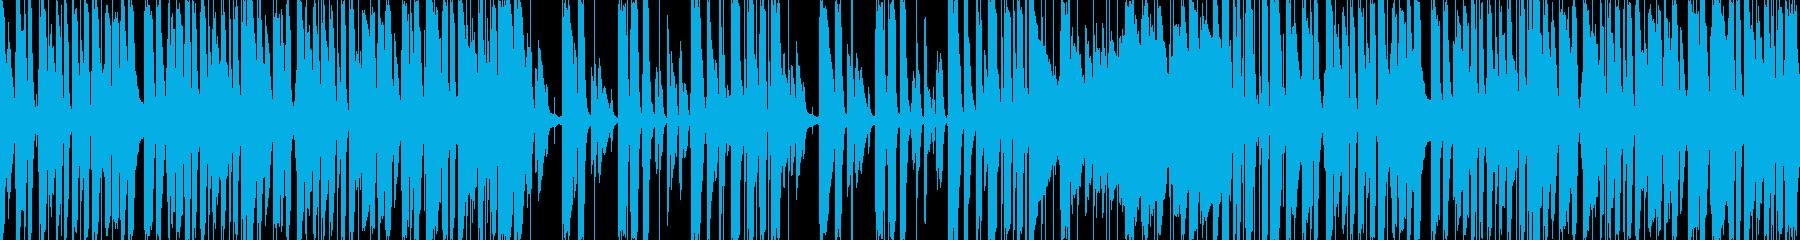 キャッチーでおしゃれなピアノトリオポップの再生済みの波形